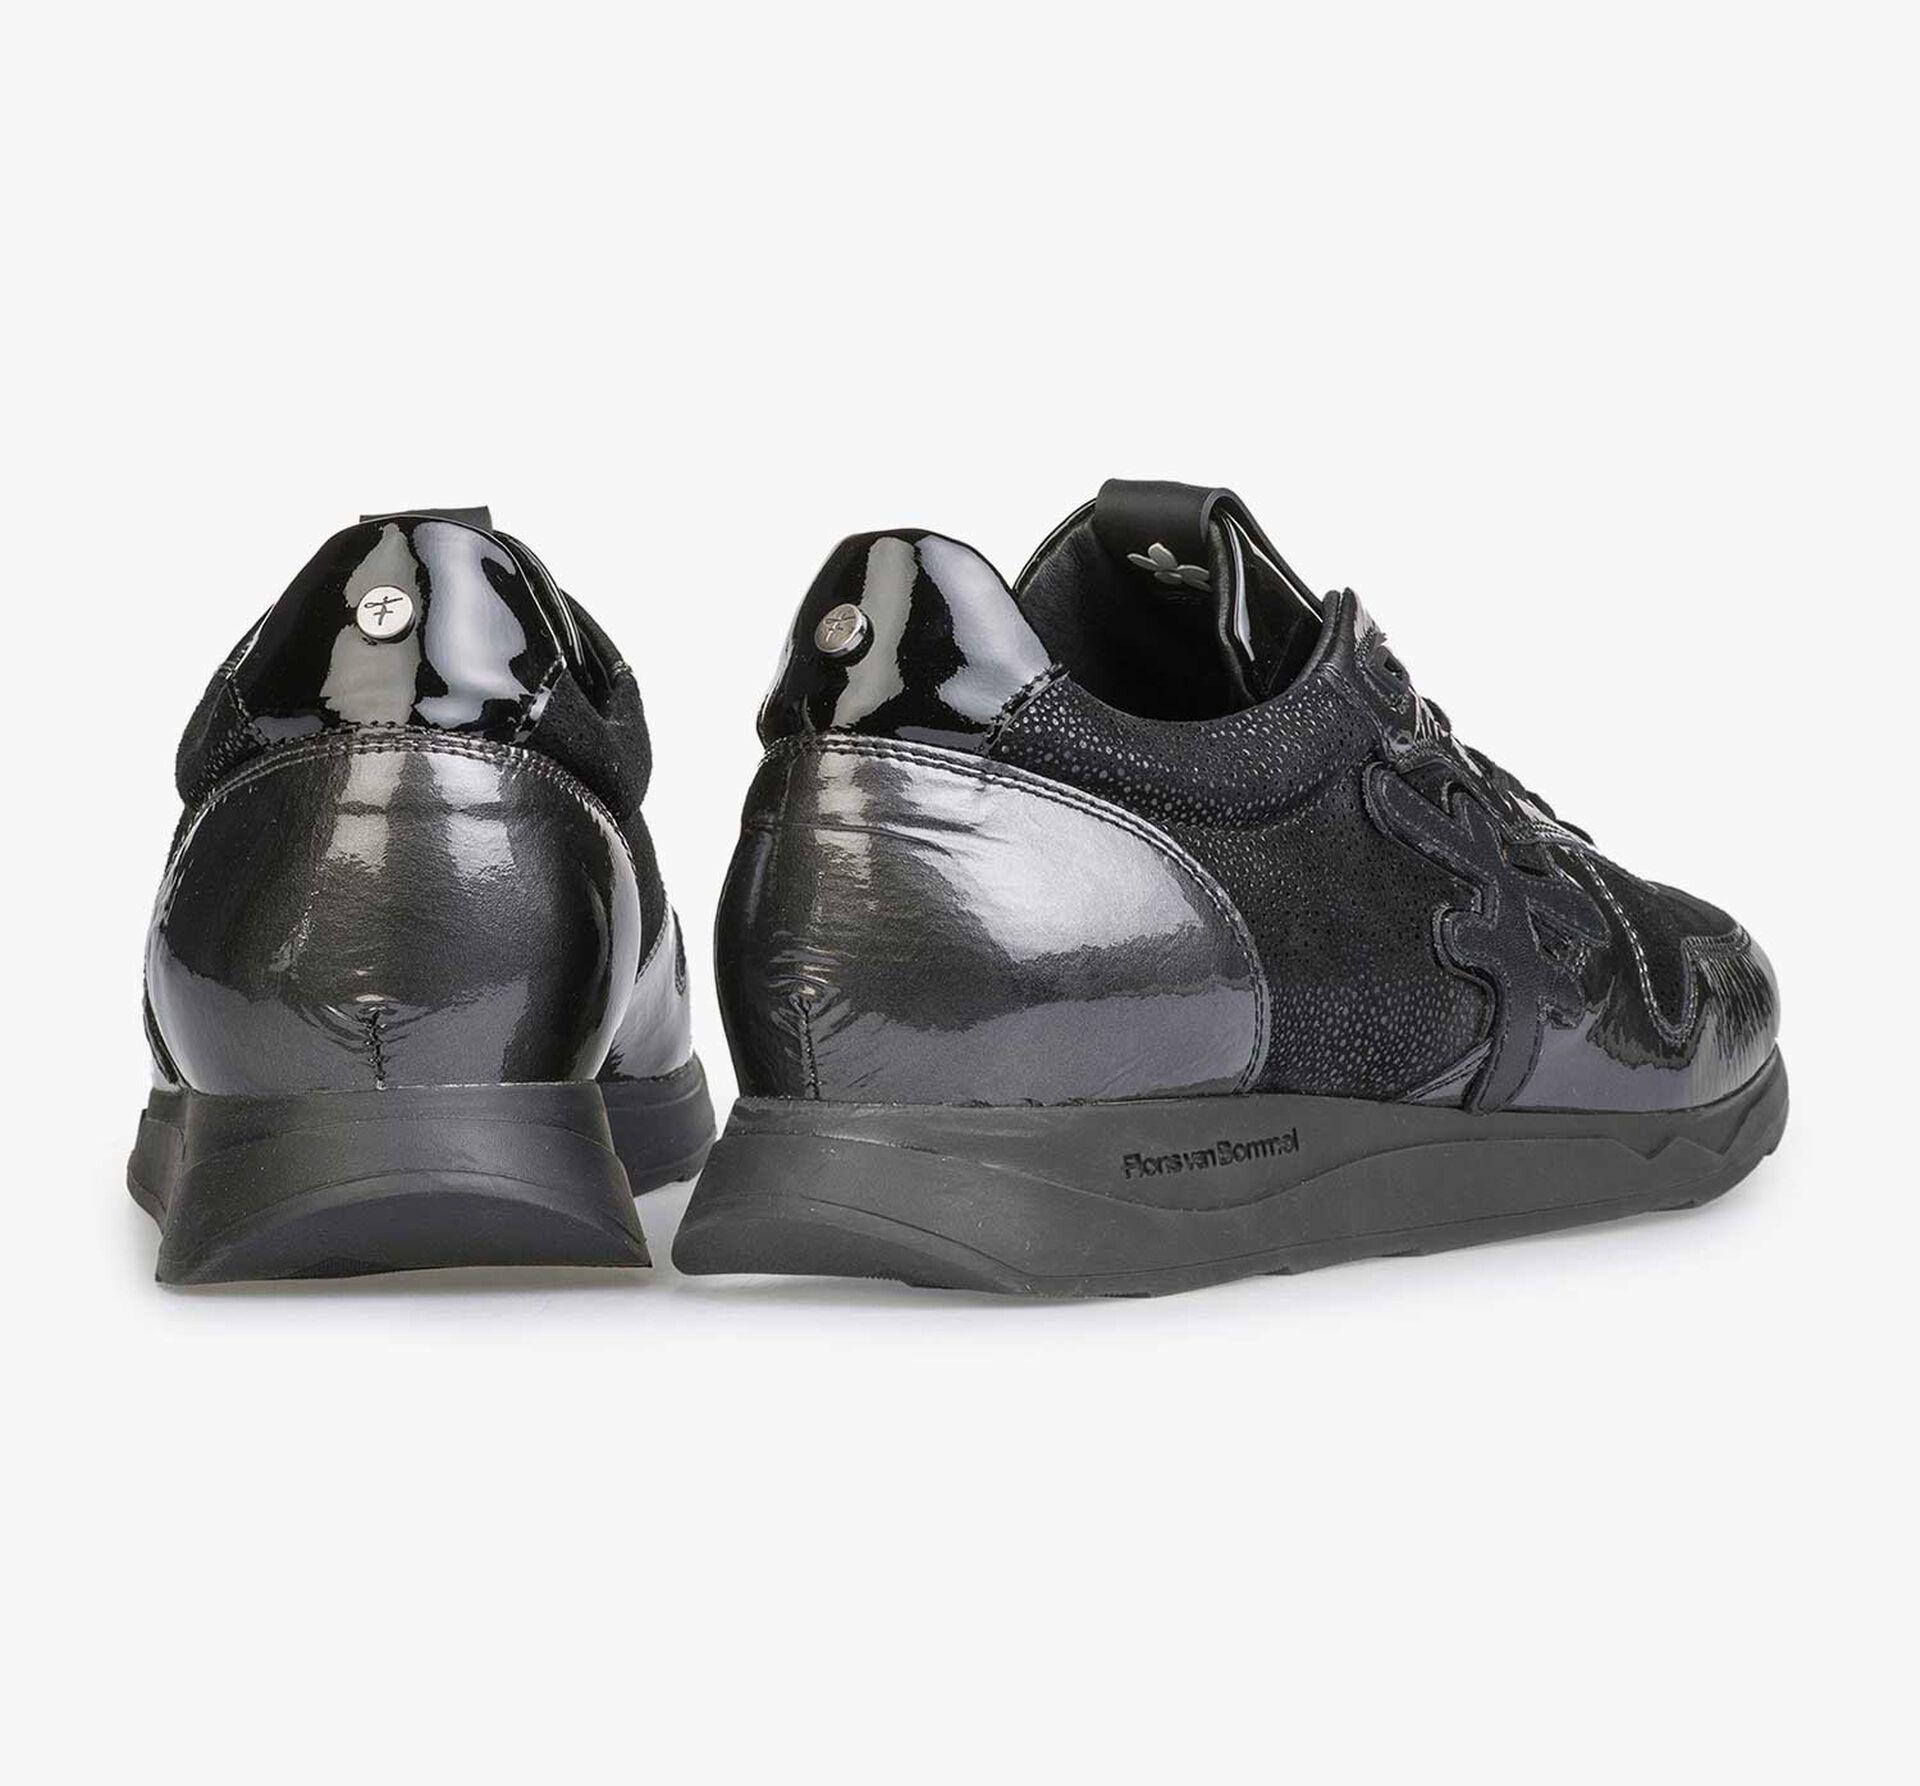 Grauer Lackleder-Sneaker mit Joggingschuhsohle